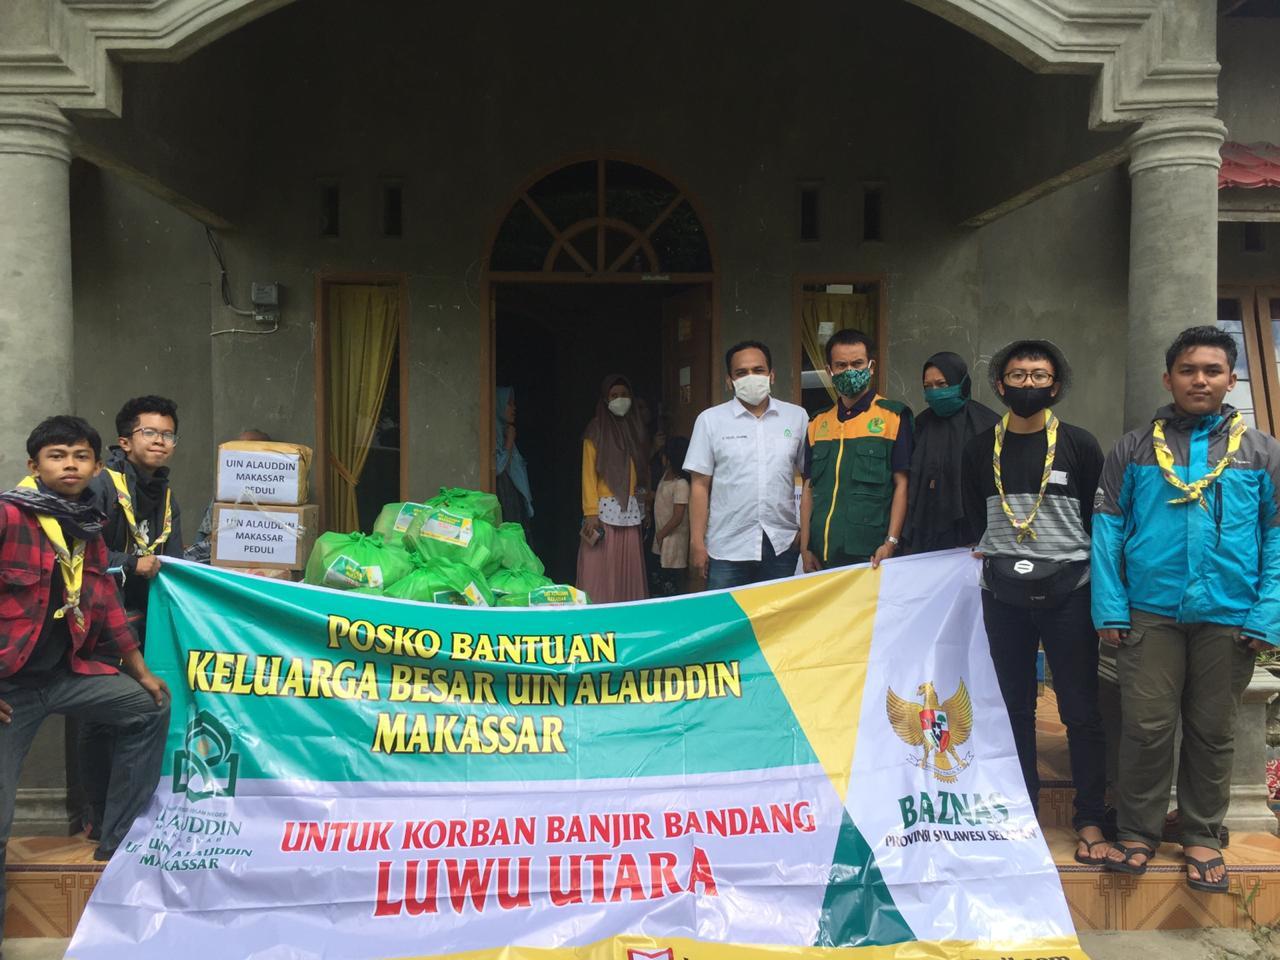 UPZ UIN Alauddin Makassar salurkan bantuan untuk korban banjir bandang Masamba Luwu Utara